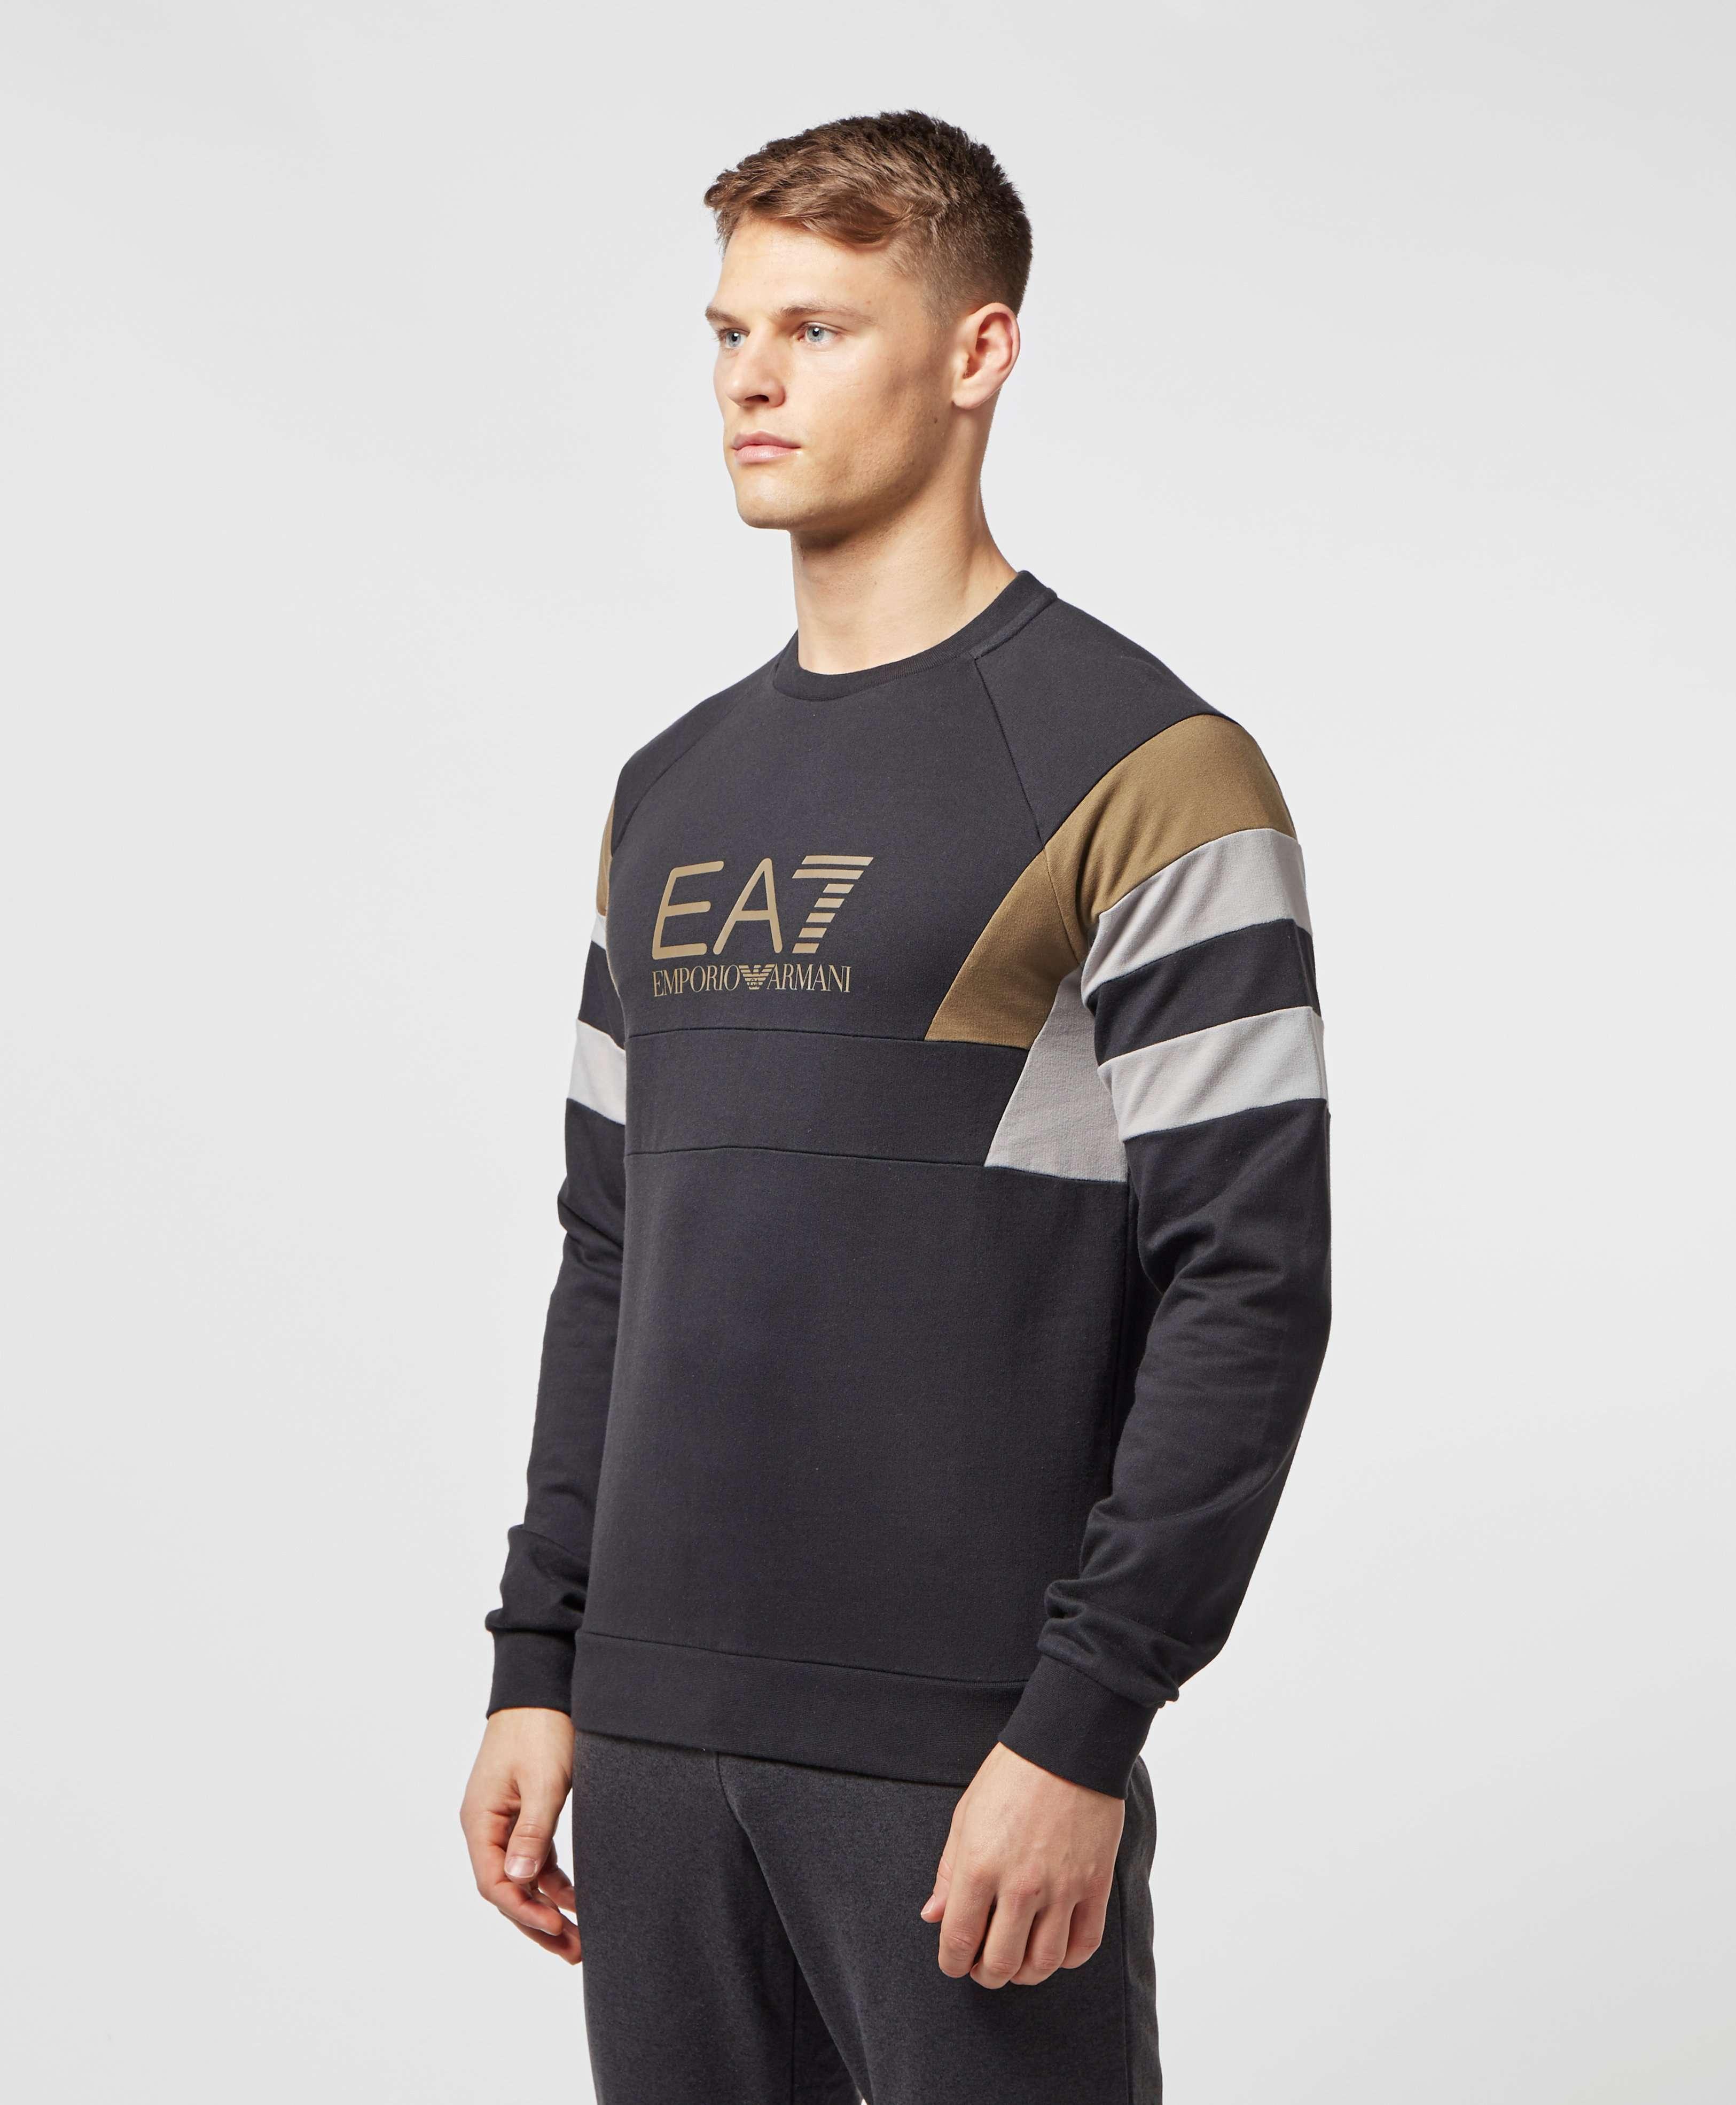 Emporio Armani EA7 Retro Panelled Sweatshirt - Exclusive